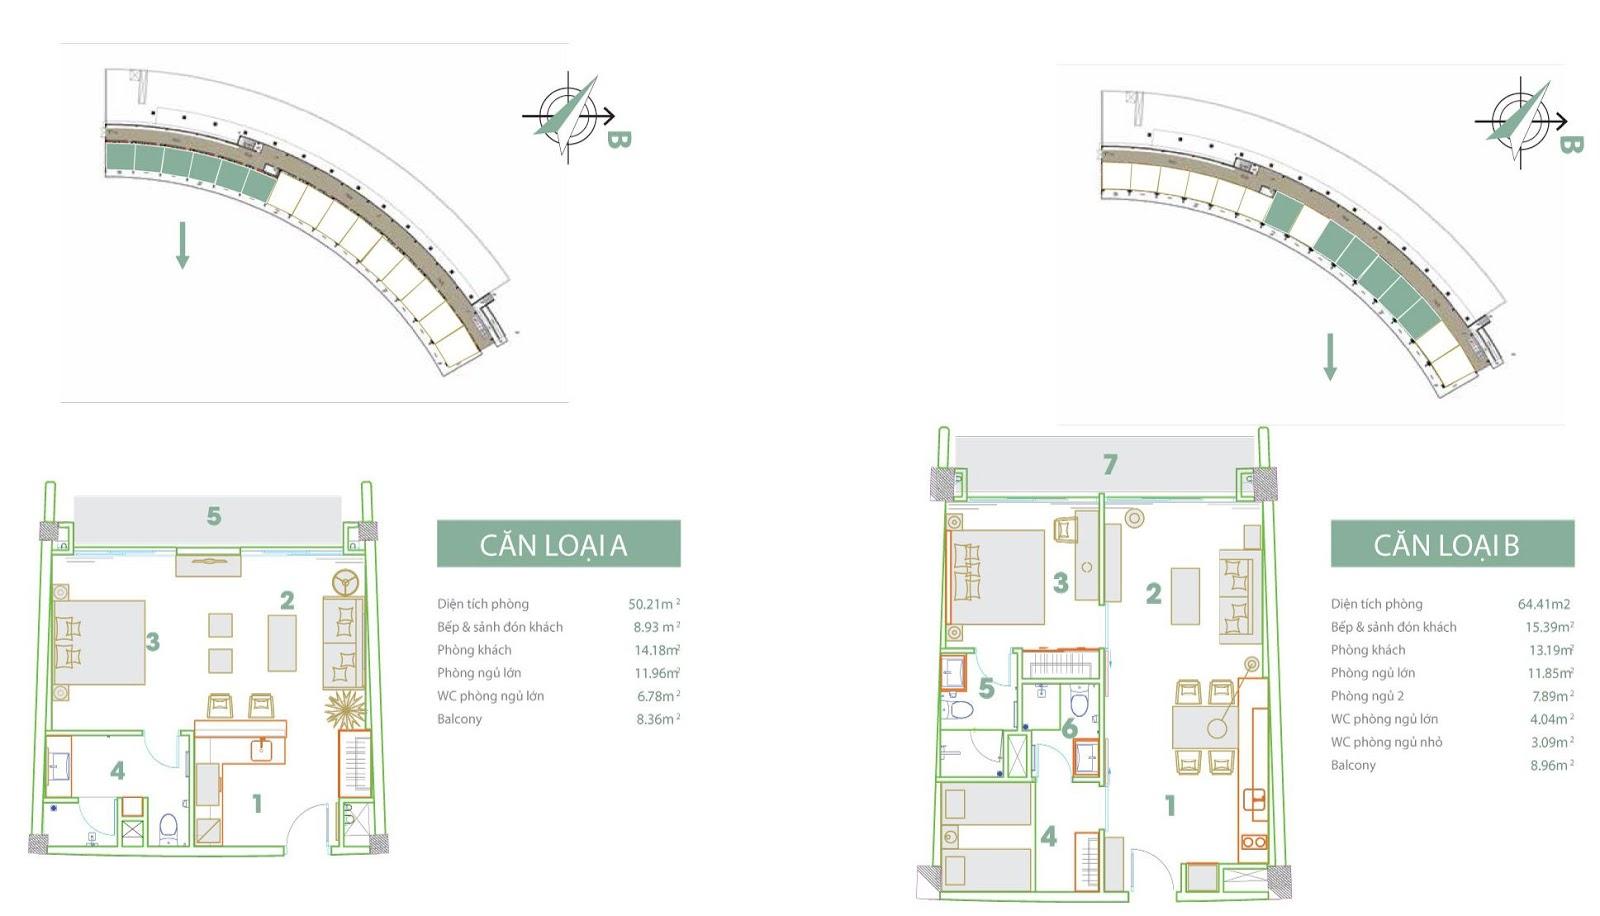 Mặt bằng thiết kế căn hộ loại A và B Condotel 7 tầng